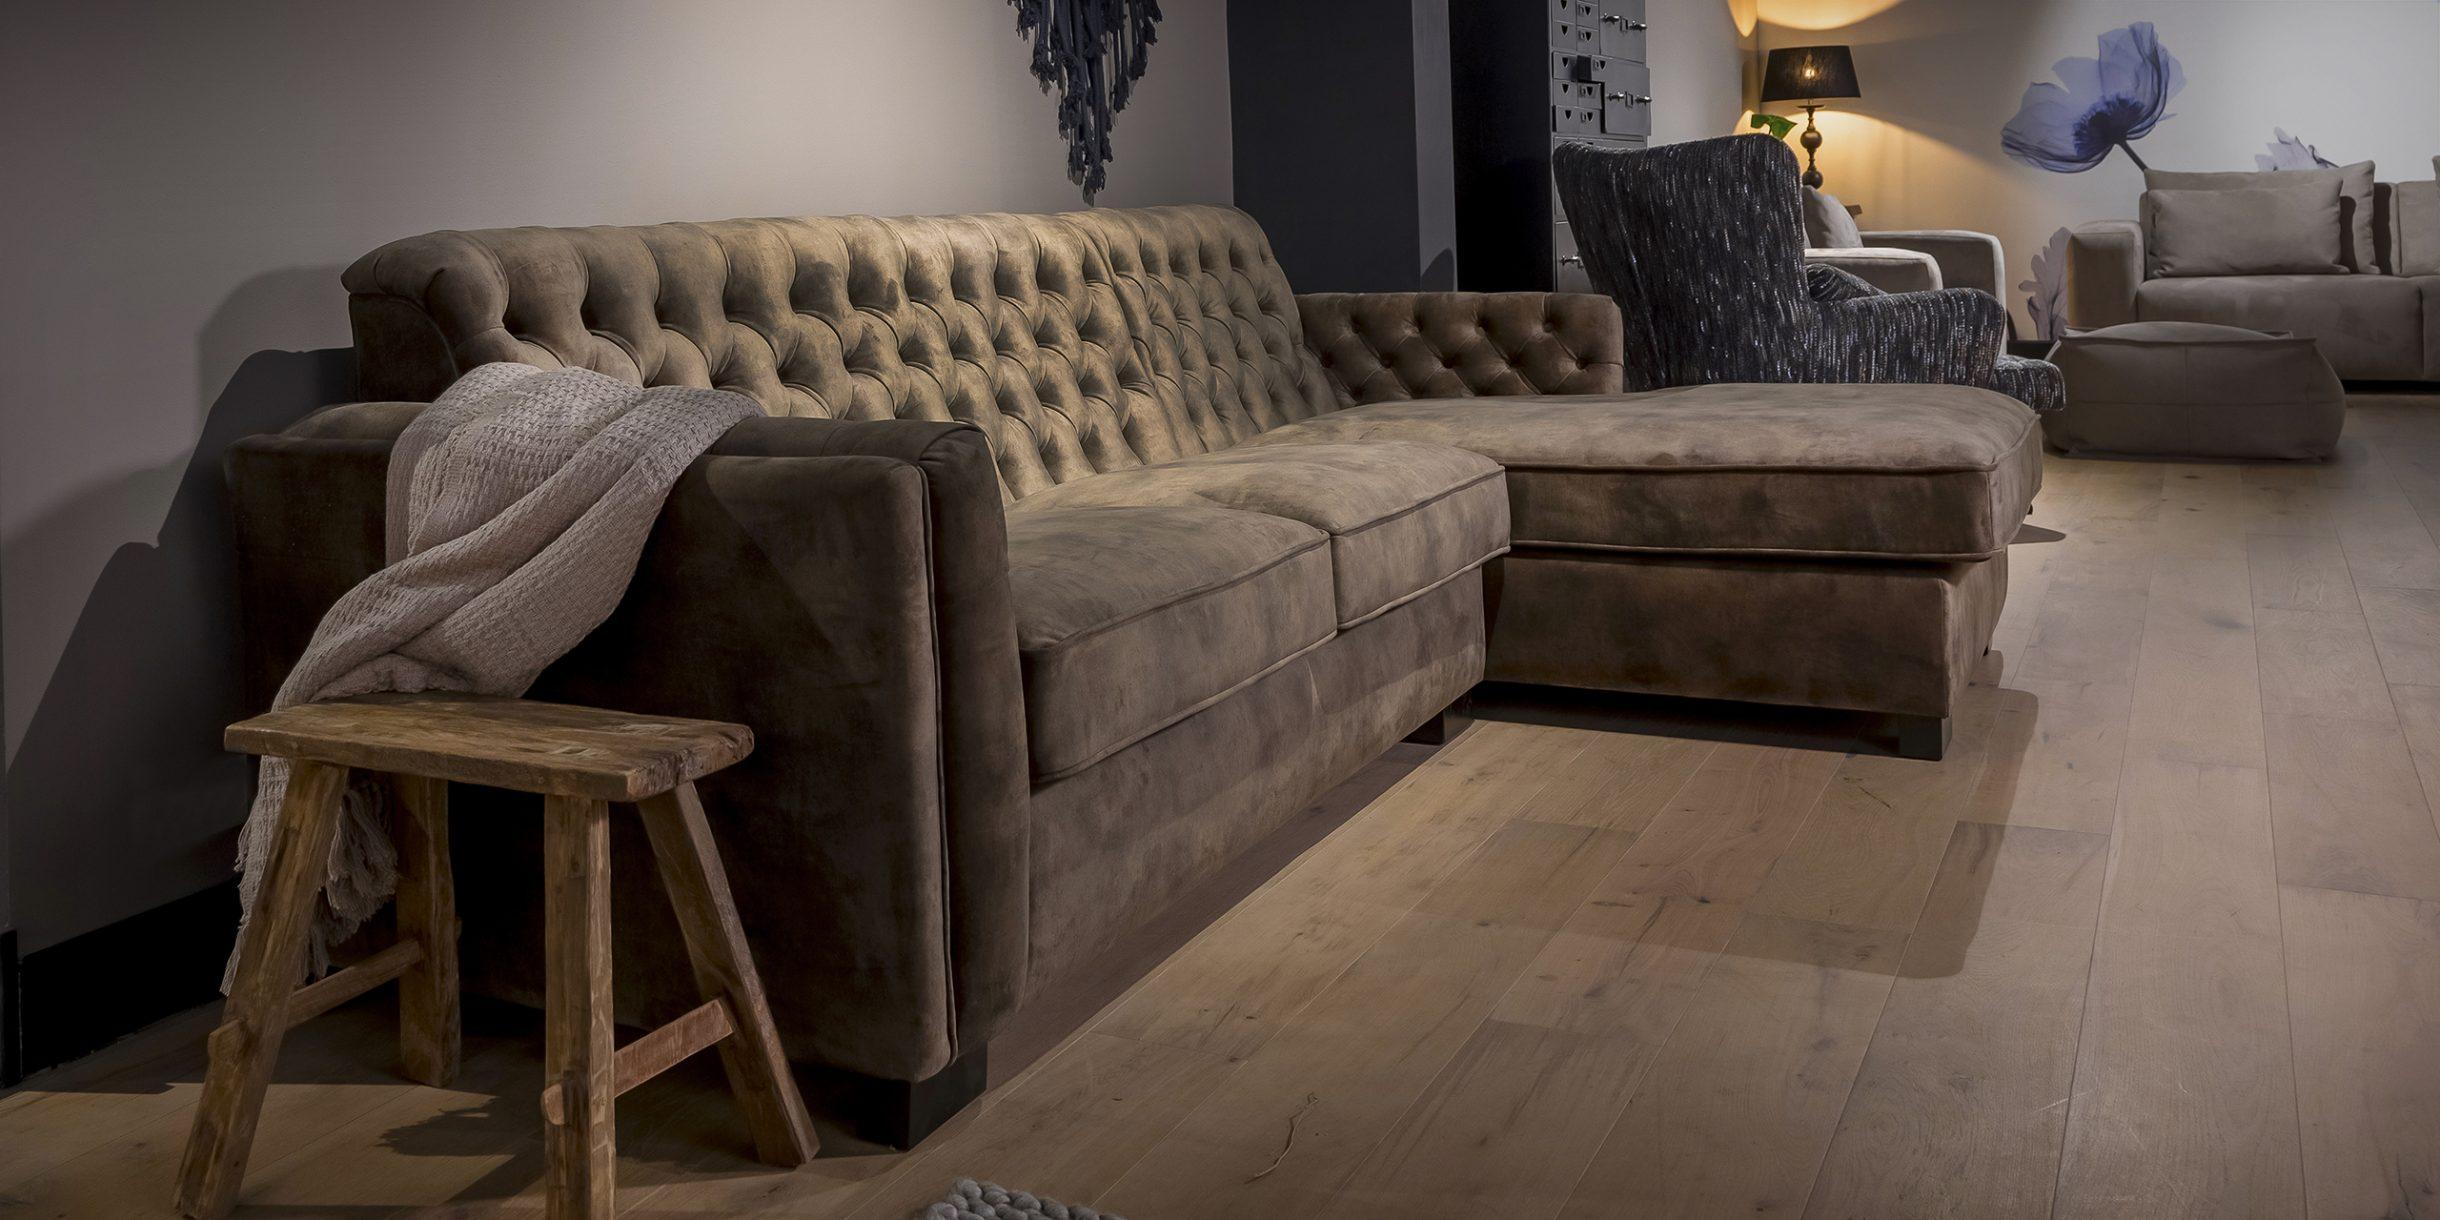 UrbanSofa Levante sofa